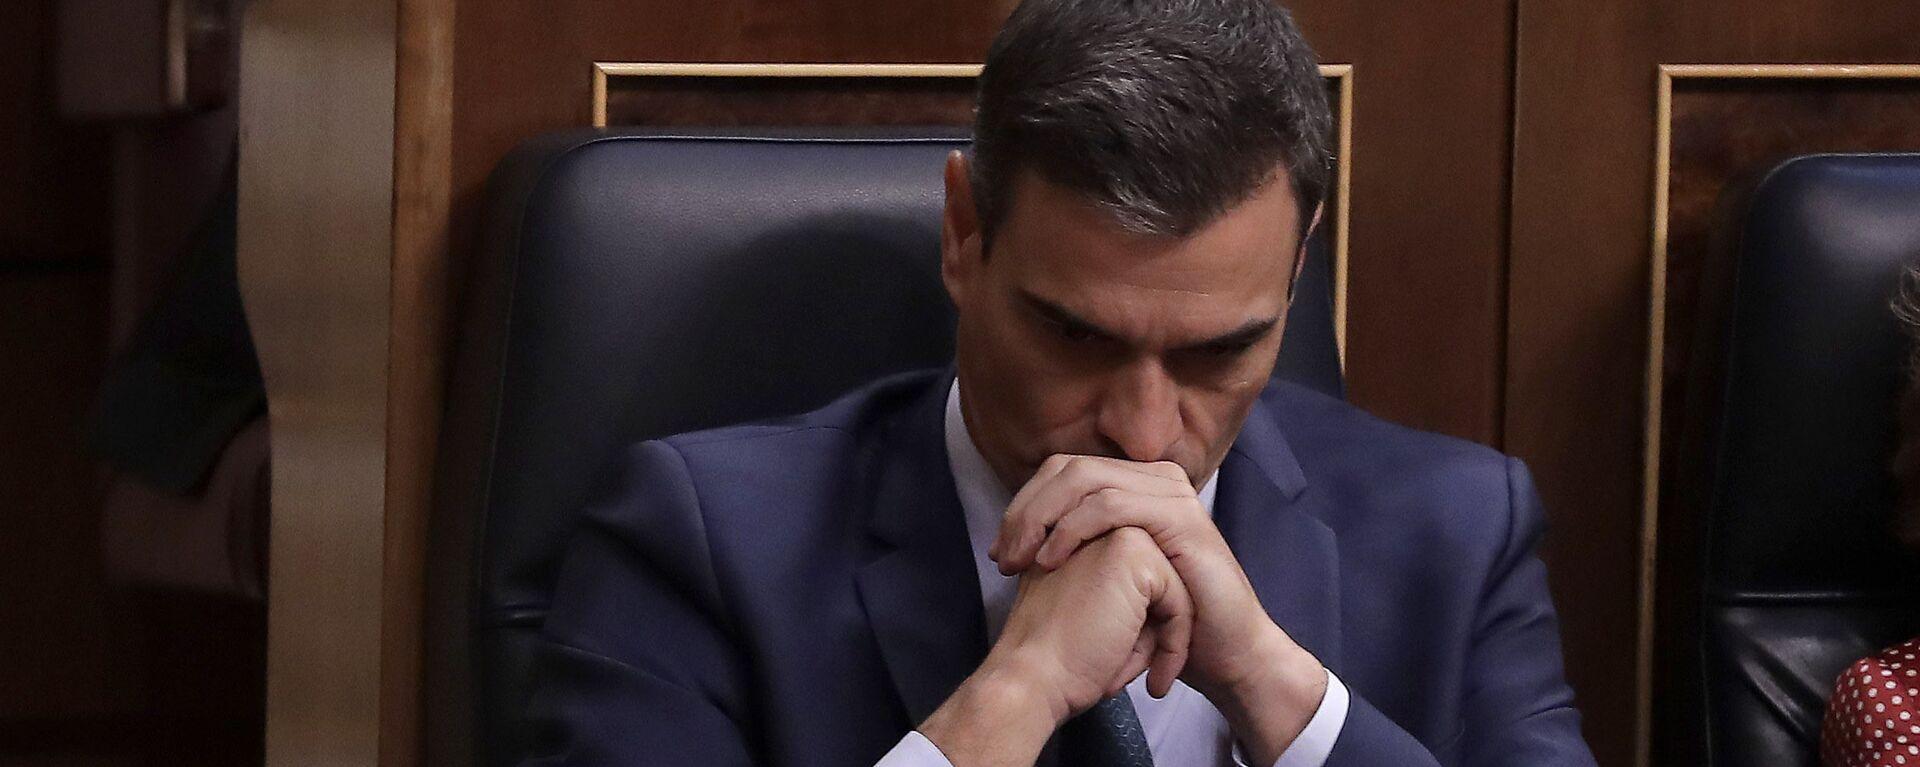 Pedro Sánchez en el Congreso de los Diputados - Sputnik Mundo, 1920, 27.08.2021